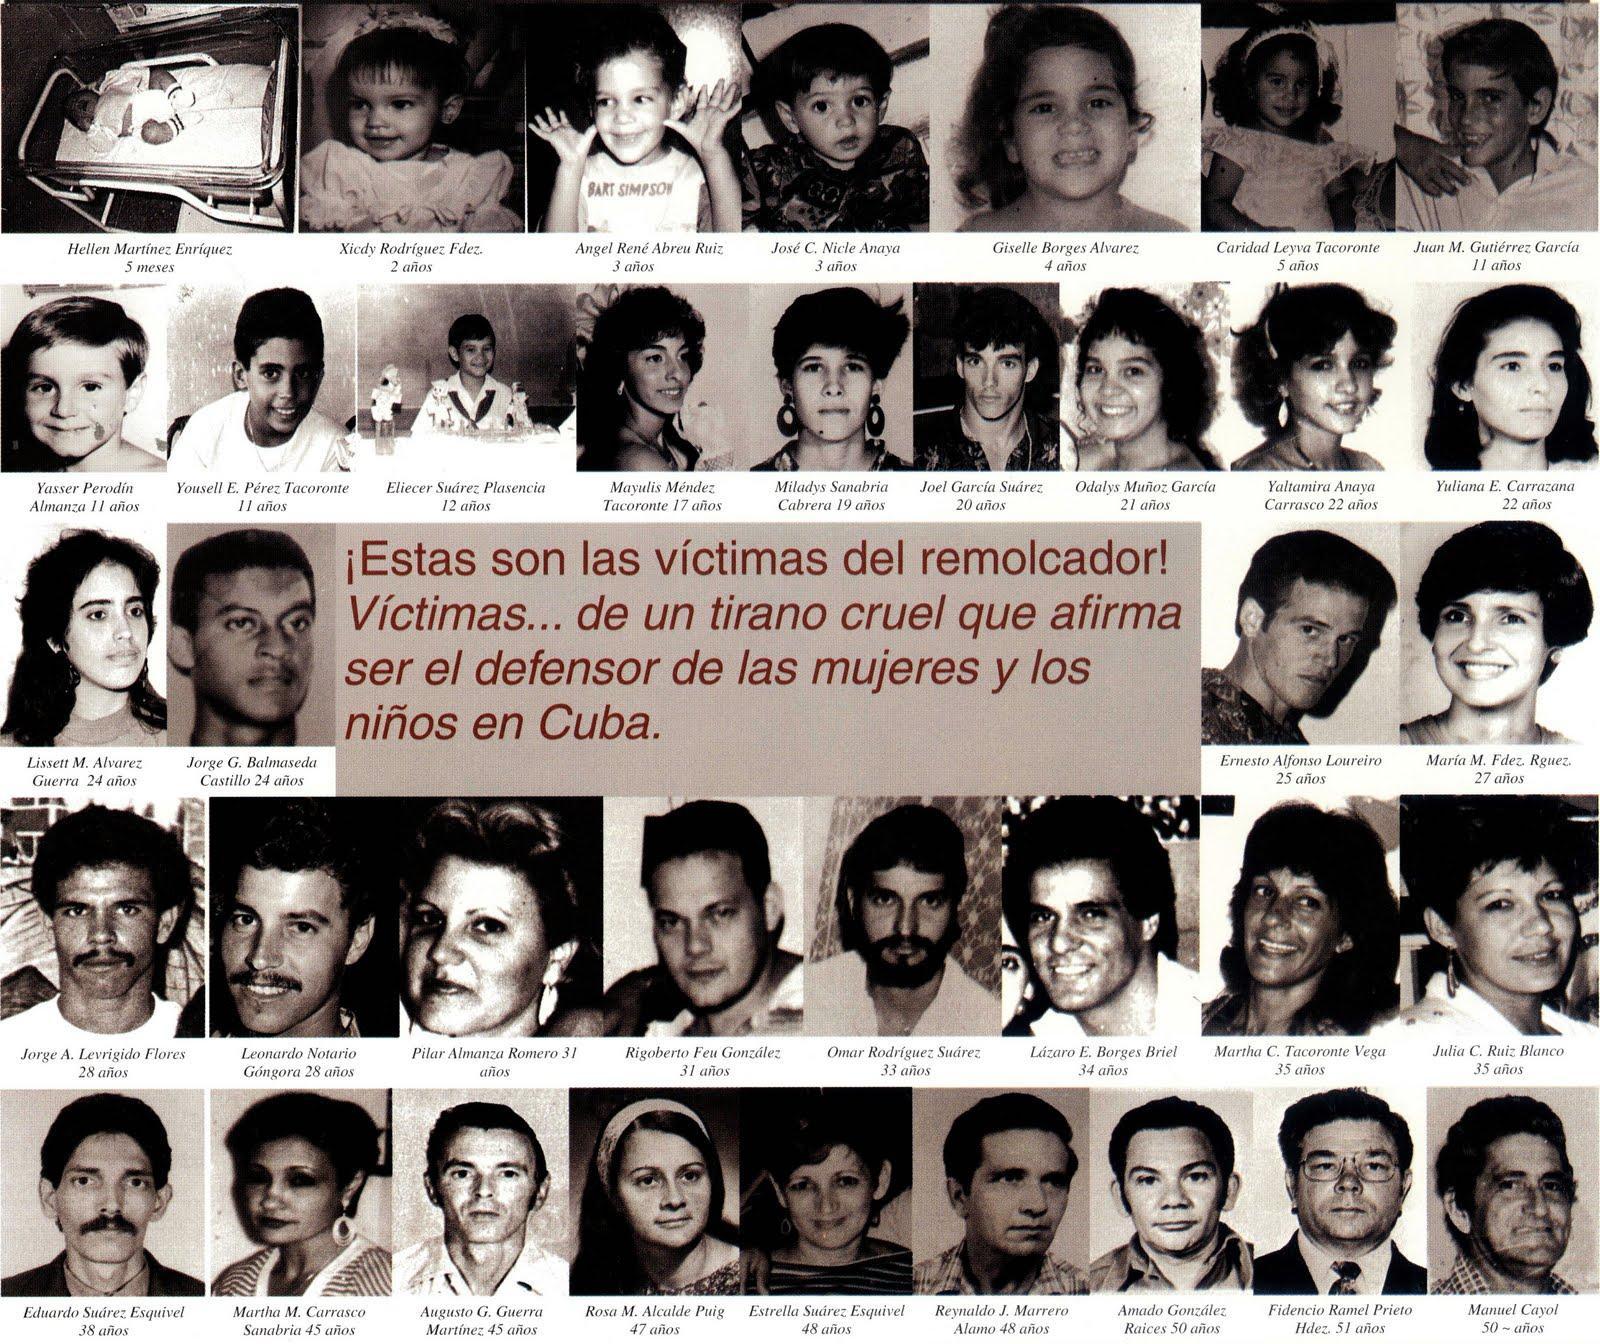 Hace 60 años satanás se robó a Cuba ...